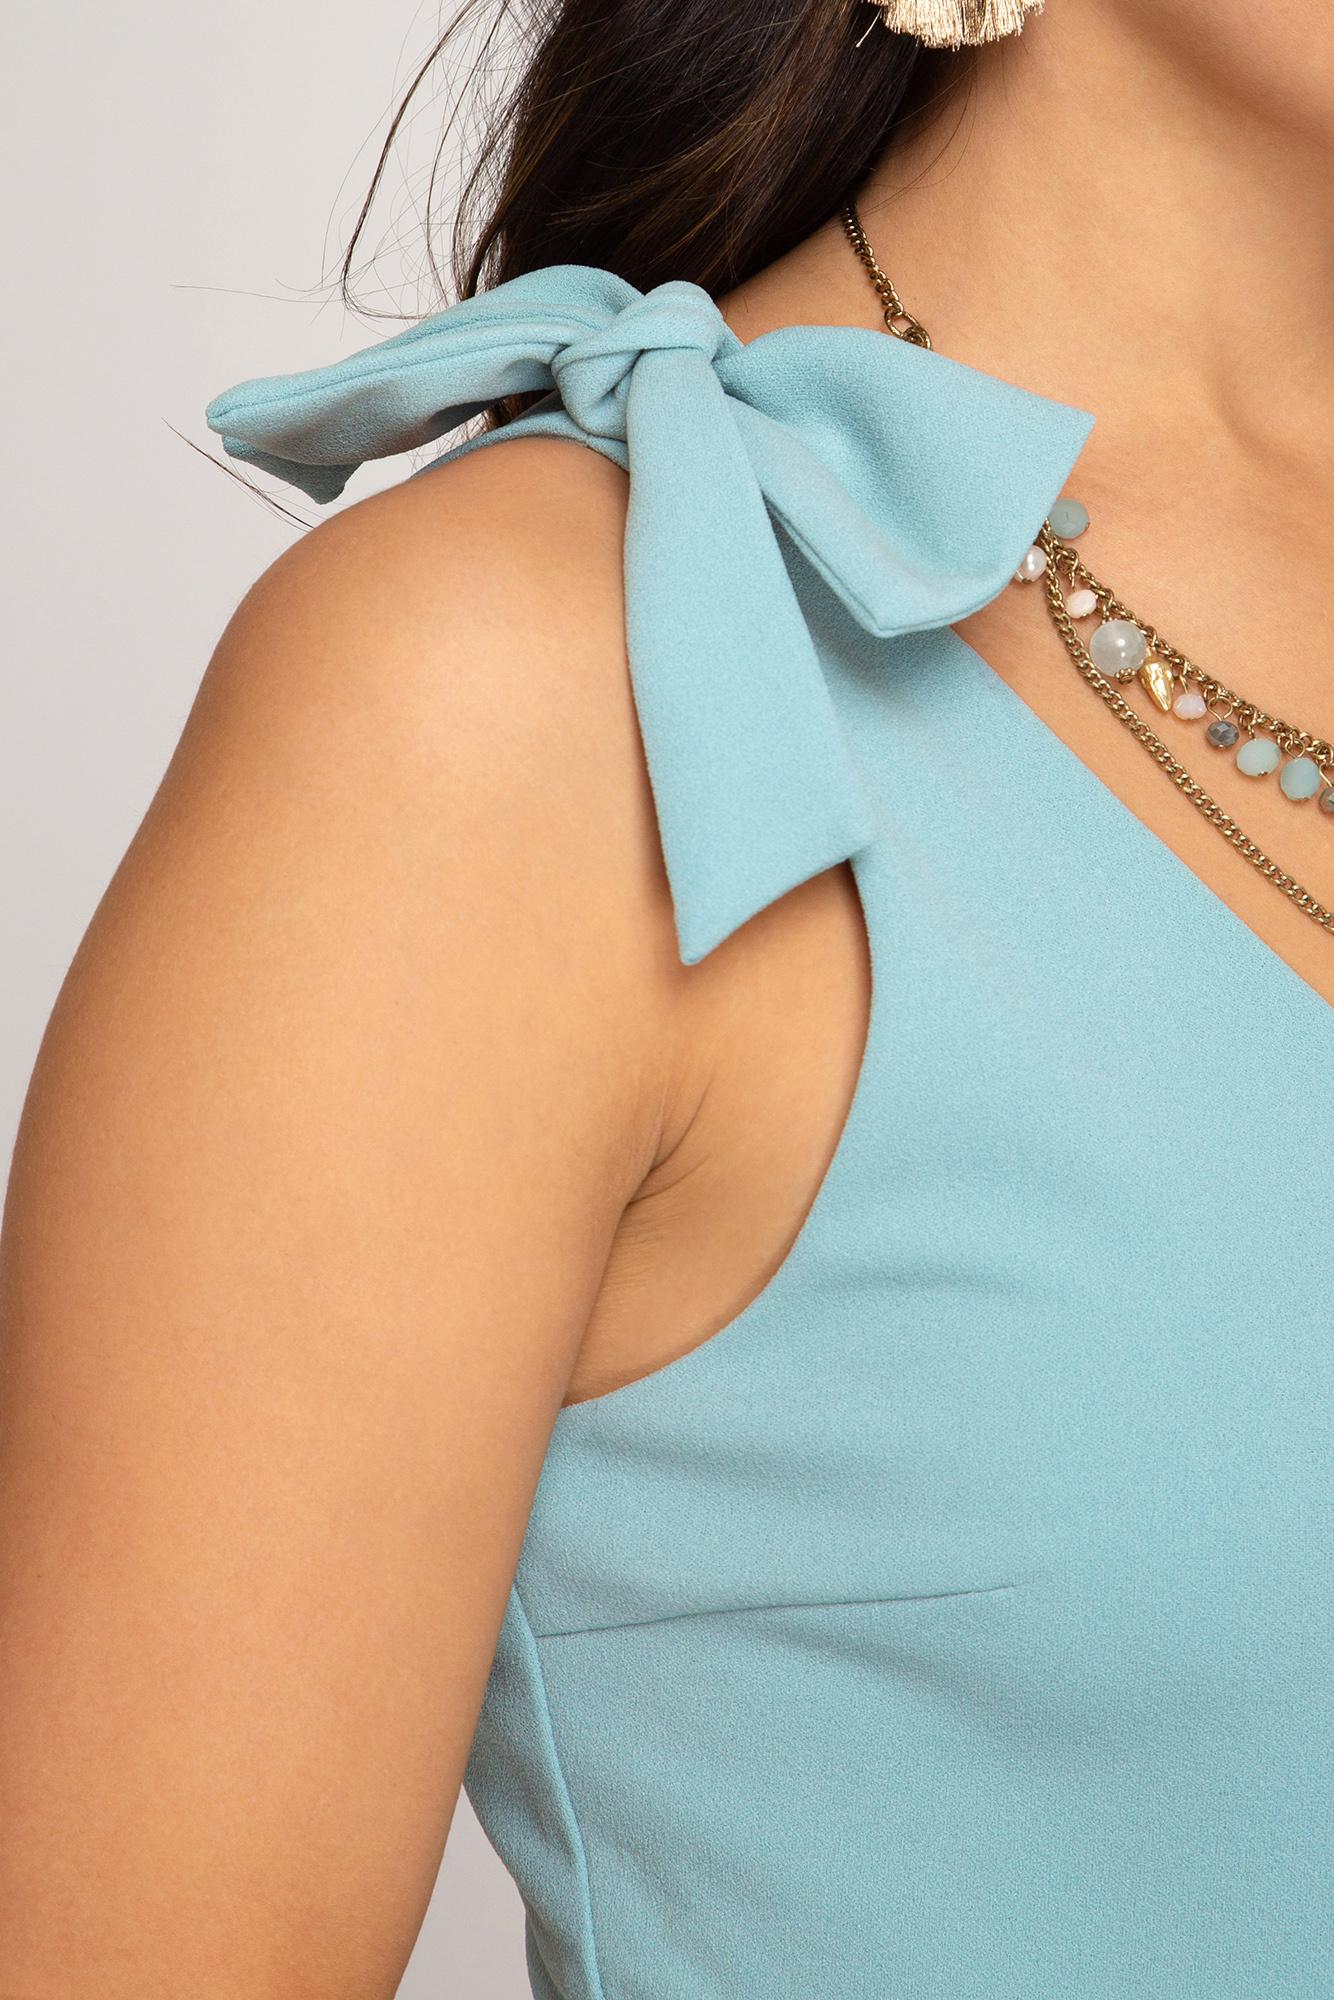 SHEANDSKY Heavy Knit Dress